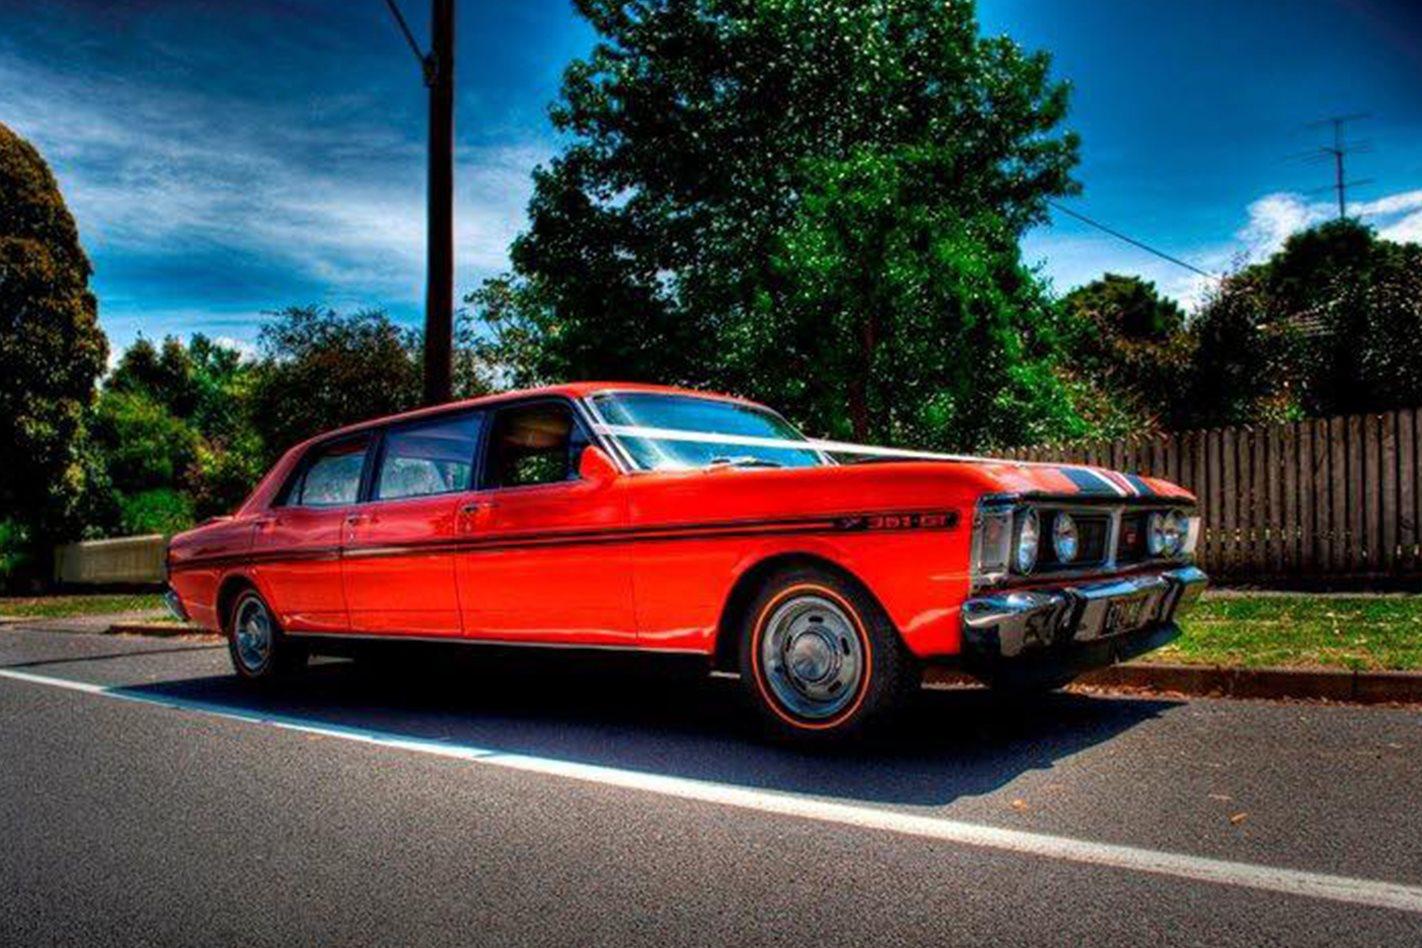 Justin Miller's Falcon limo wedding car